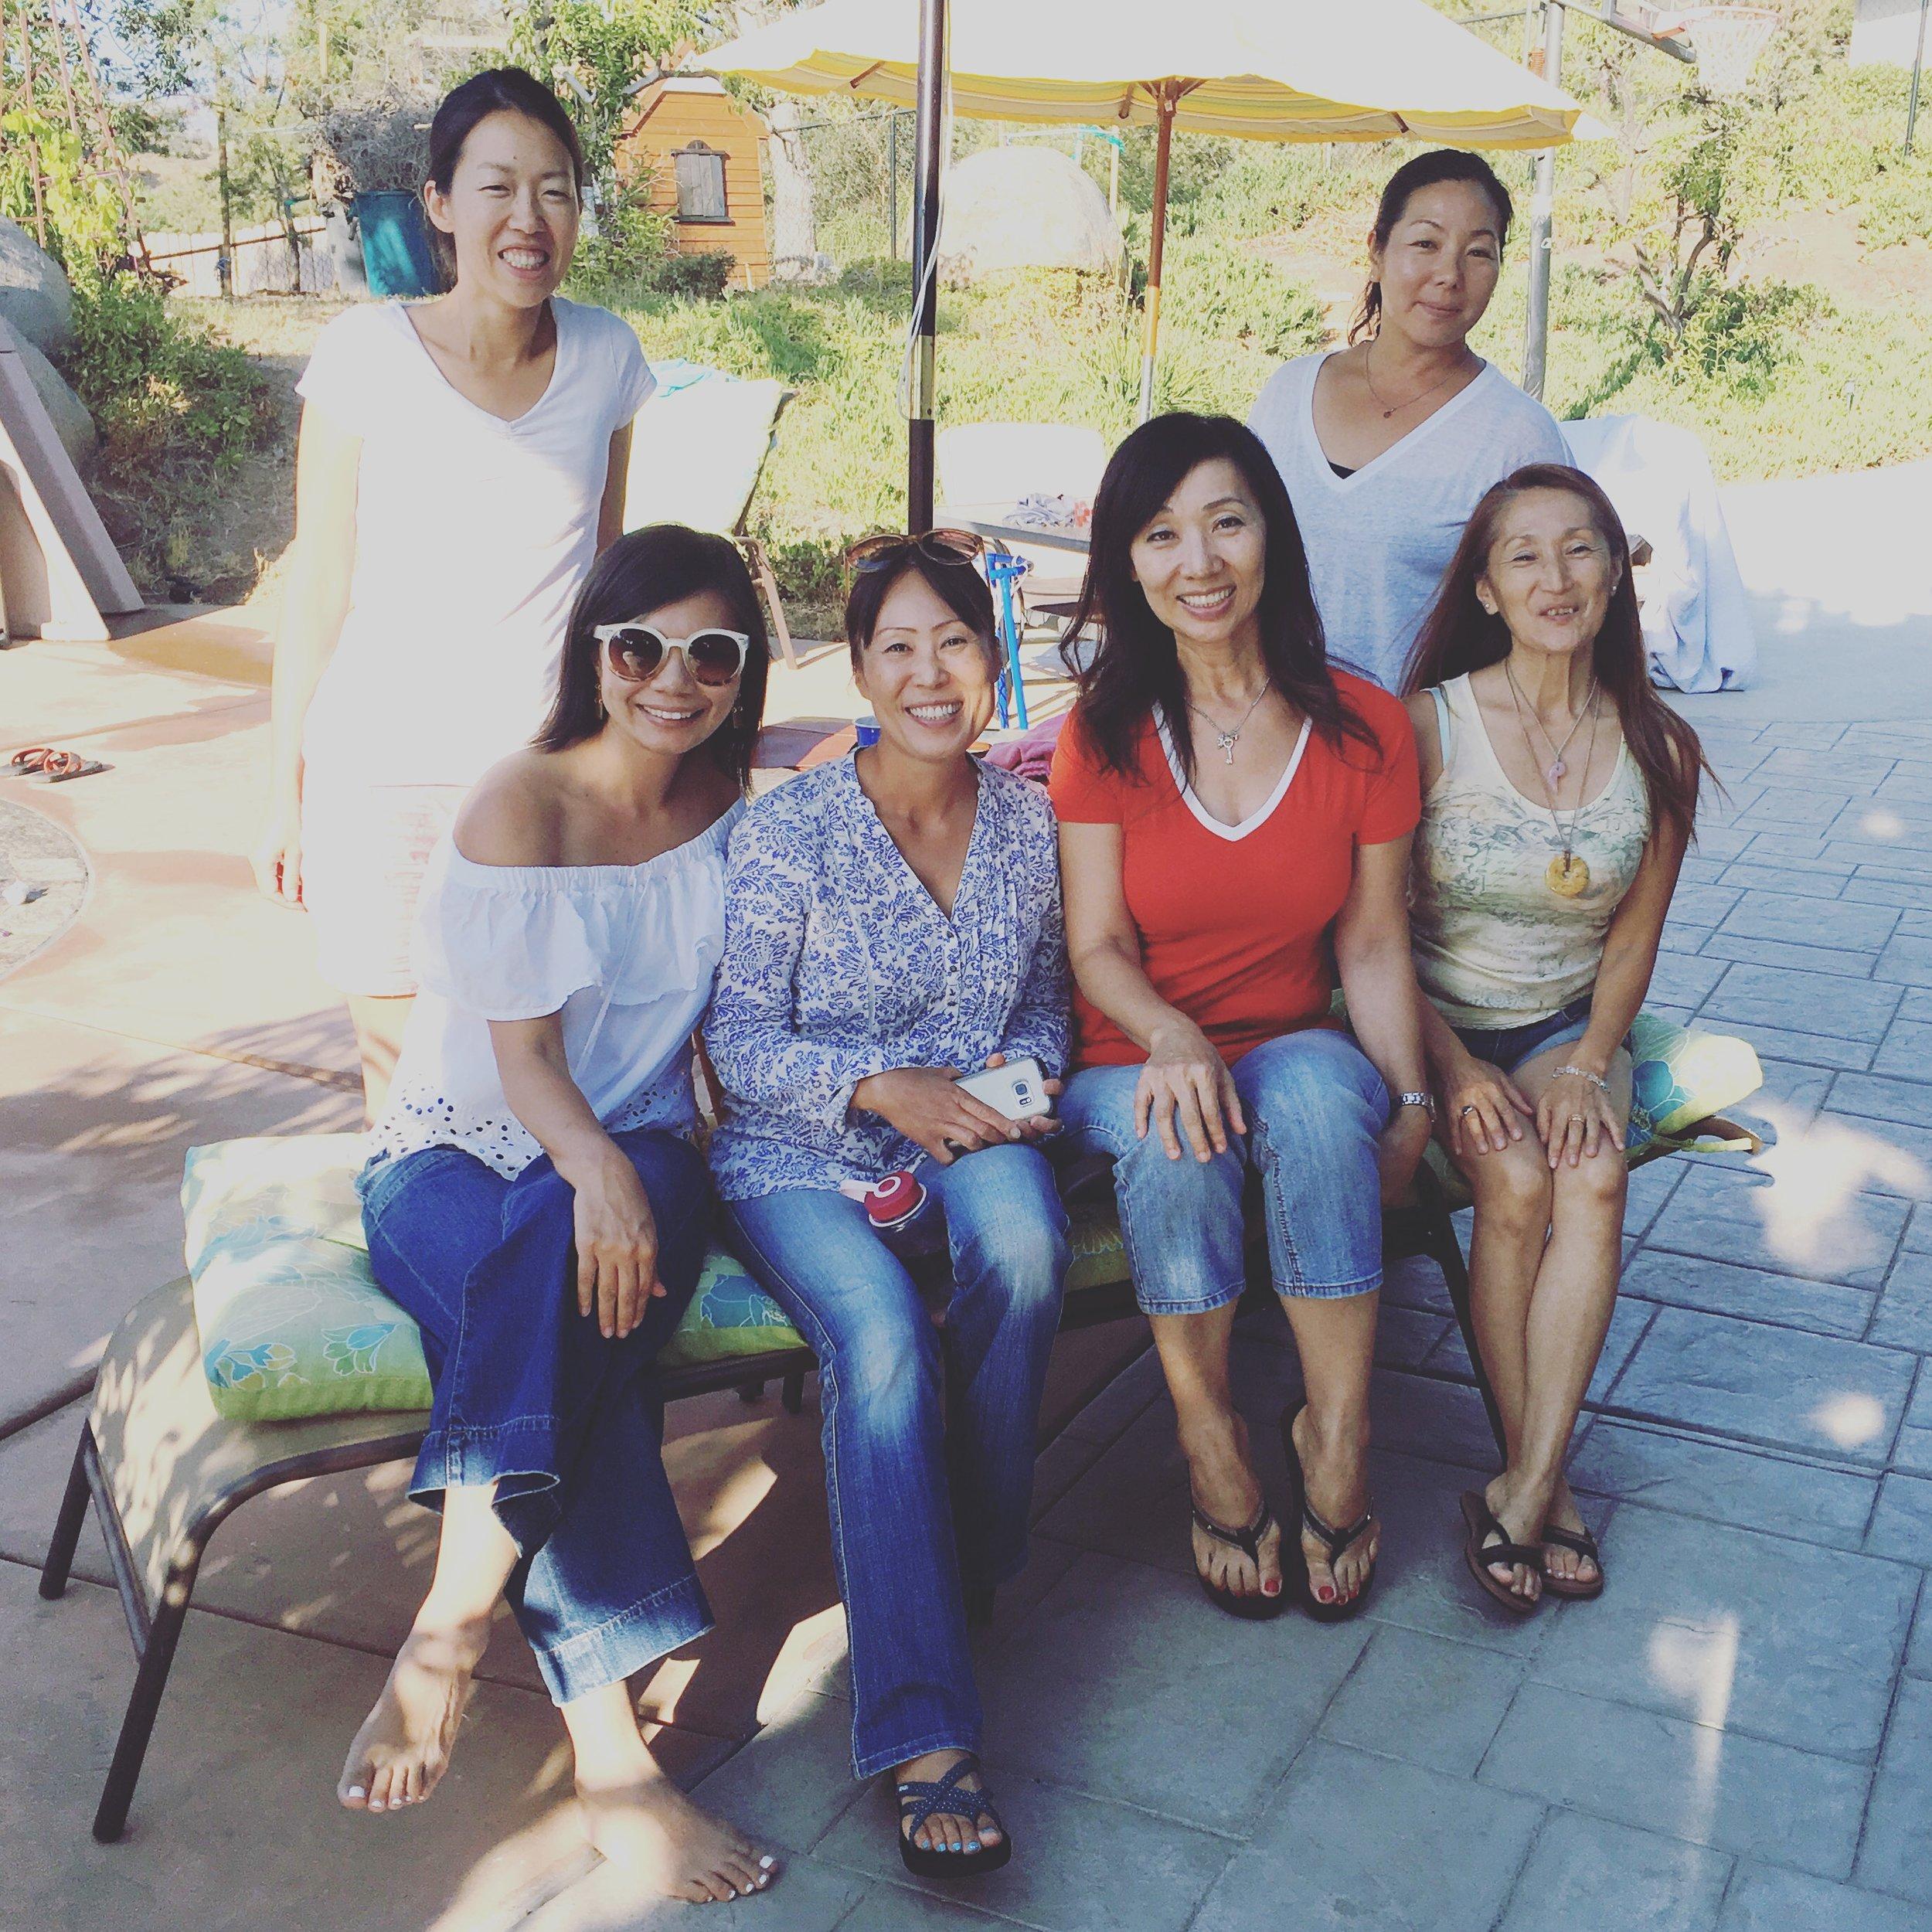 サンディエゴでLALAMAMAインタビューにご協力頂いたママ達と集まりました♩